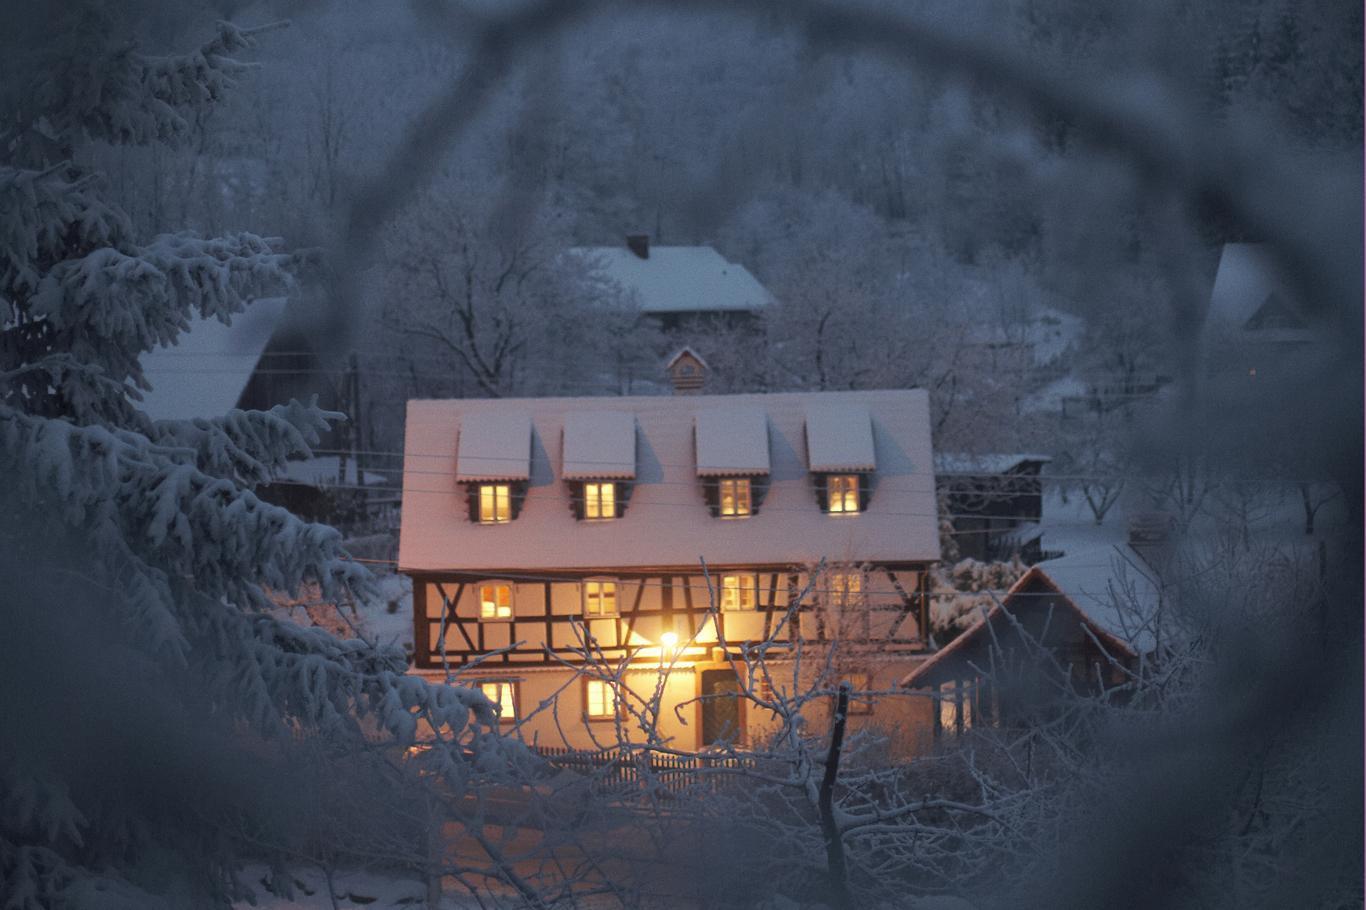 Tonący w śniegu Tkacz. Naprzeciw Domu Tkacza znajduje się parkin